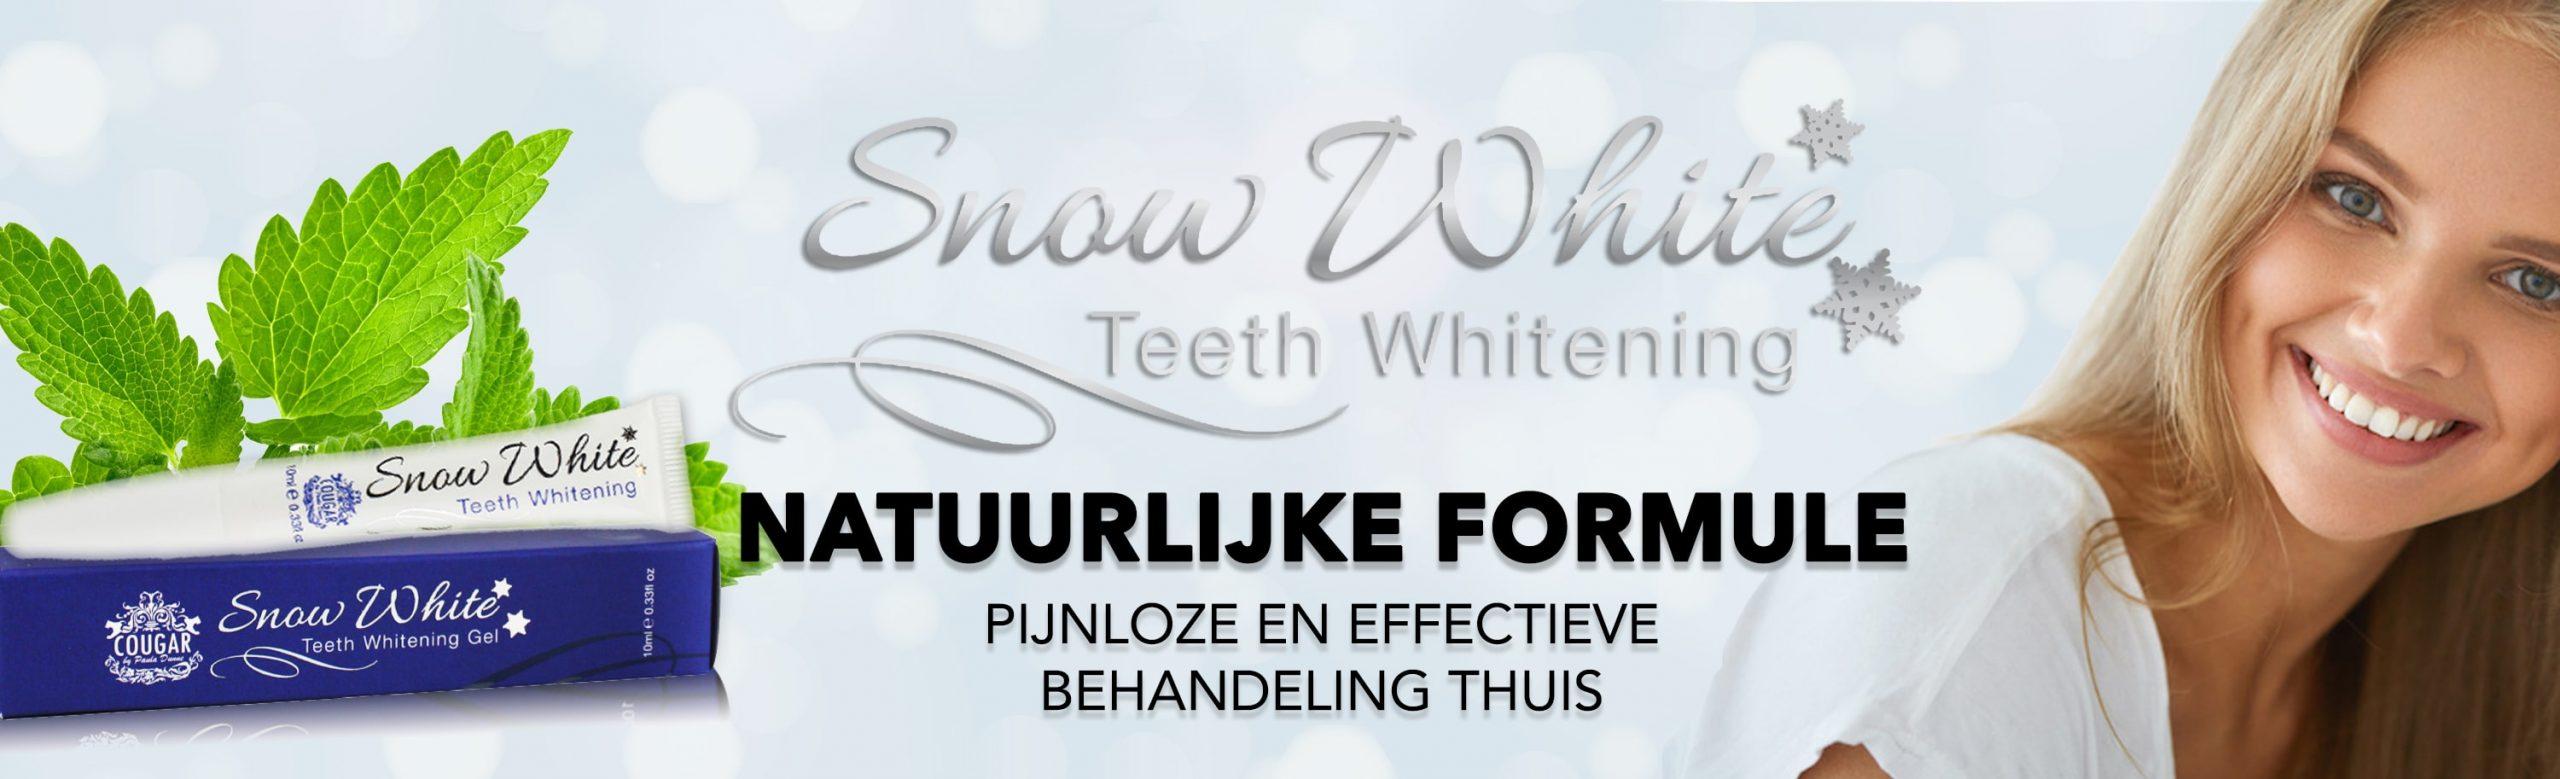 Natuurlijke tandenbleeksets die uitstekende resultaten geven.